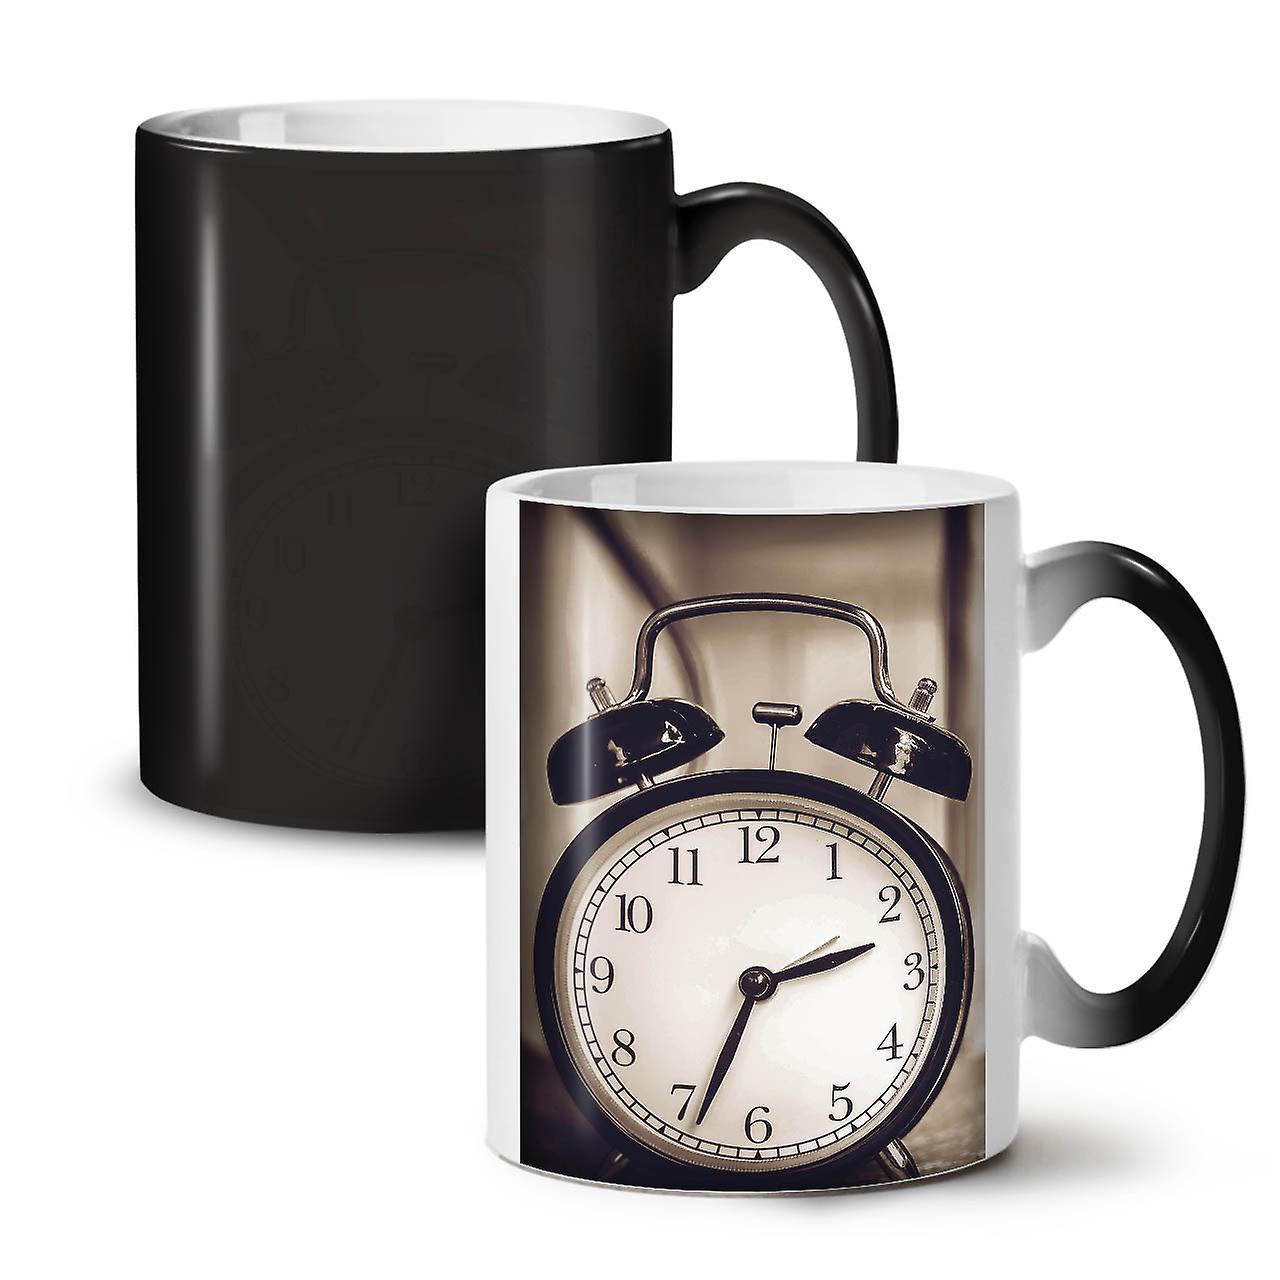 Céramique 11 Café Noir OzWellcoda Cool De Nouveau Changeant Rétro Thé Horloge Tasse Couleur WDIEH29Y